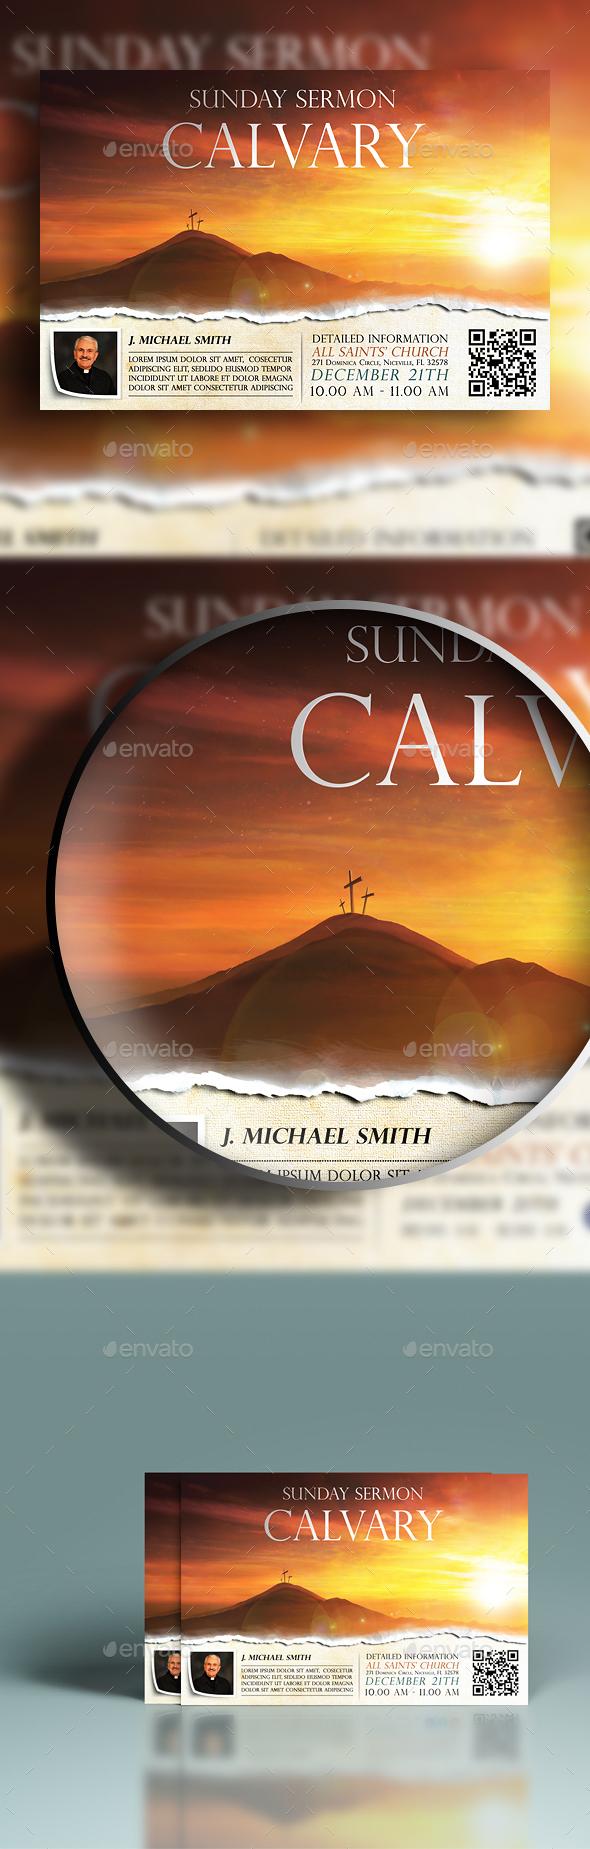 Calvary Church Flyer - Church Flyers